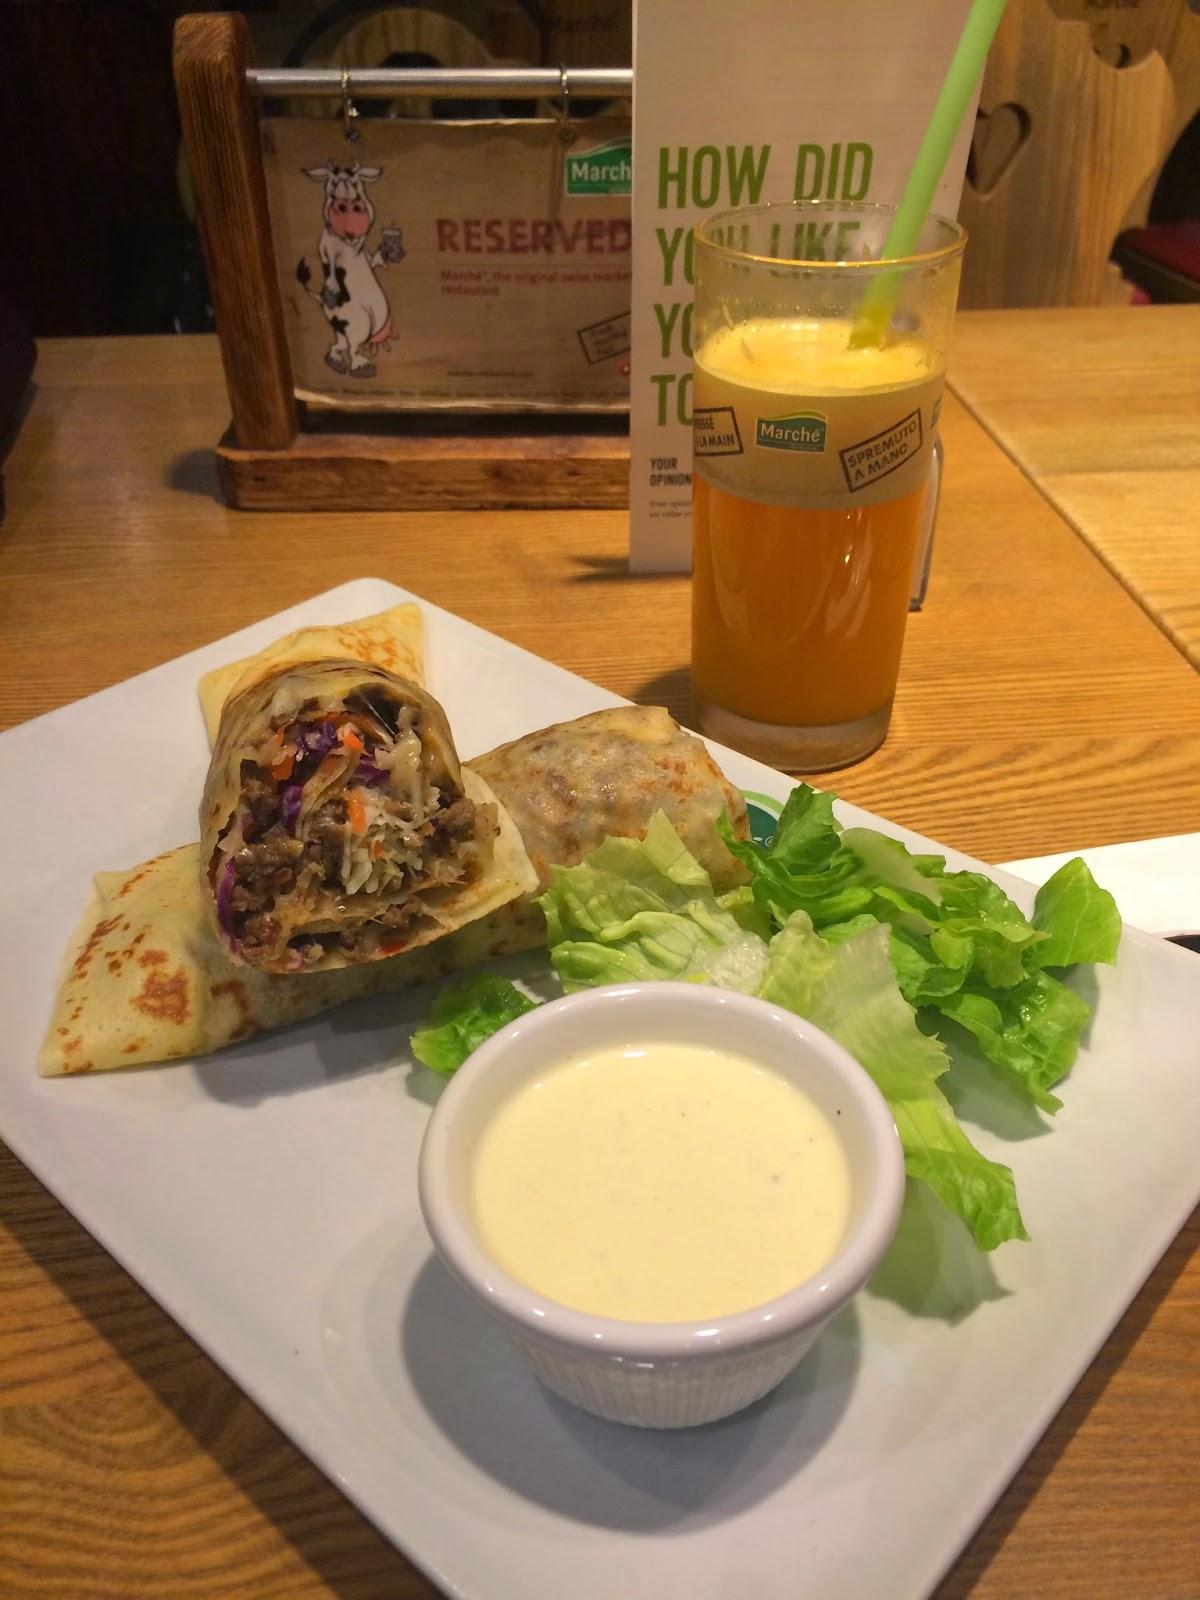 DADAFAB: Food: Marche Singapore